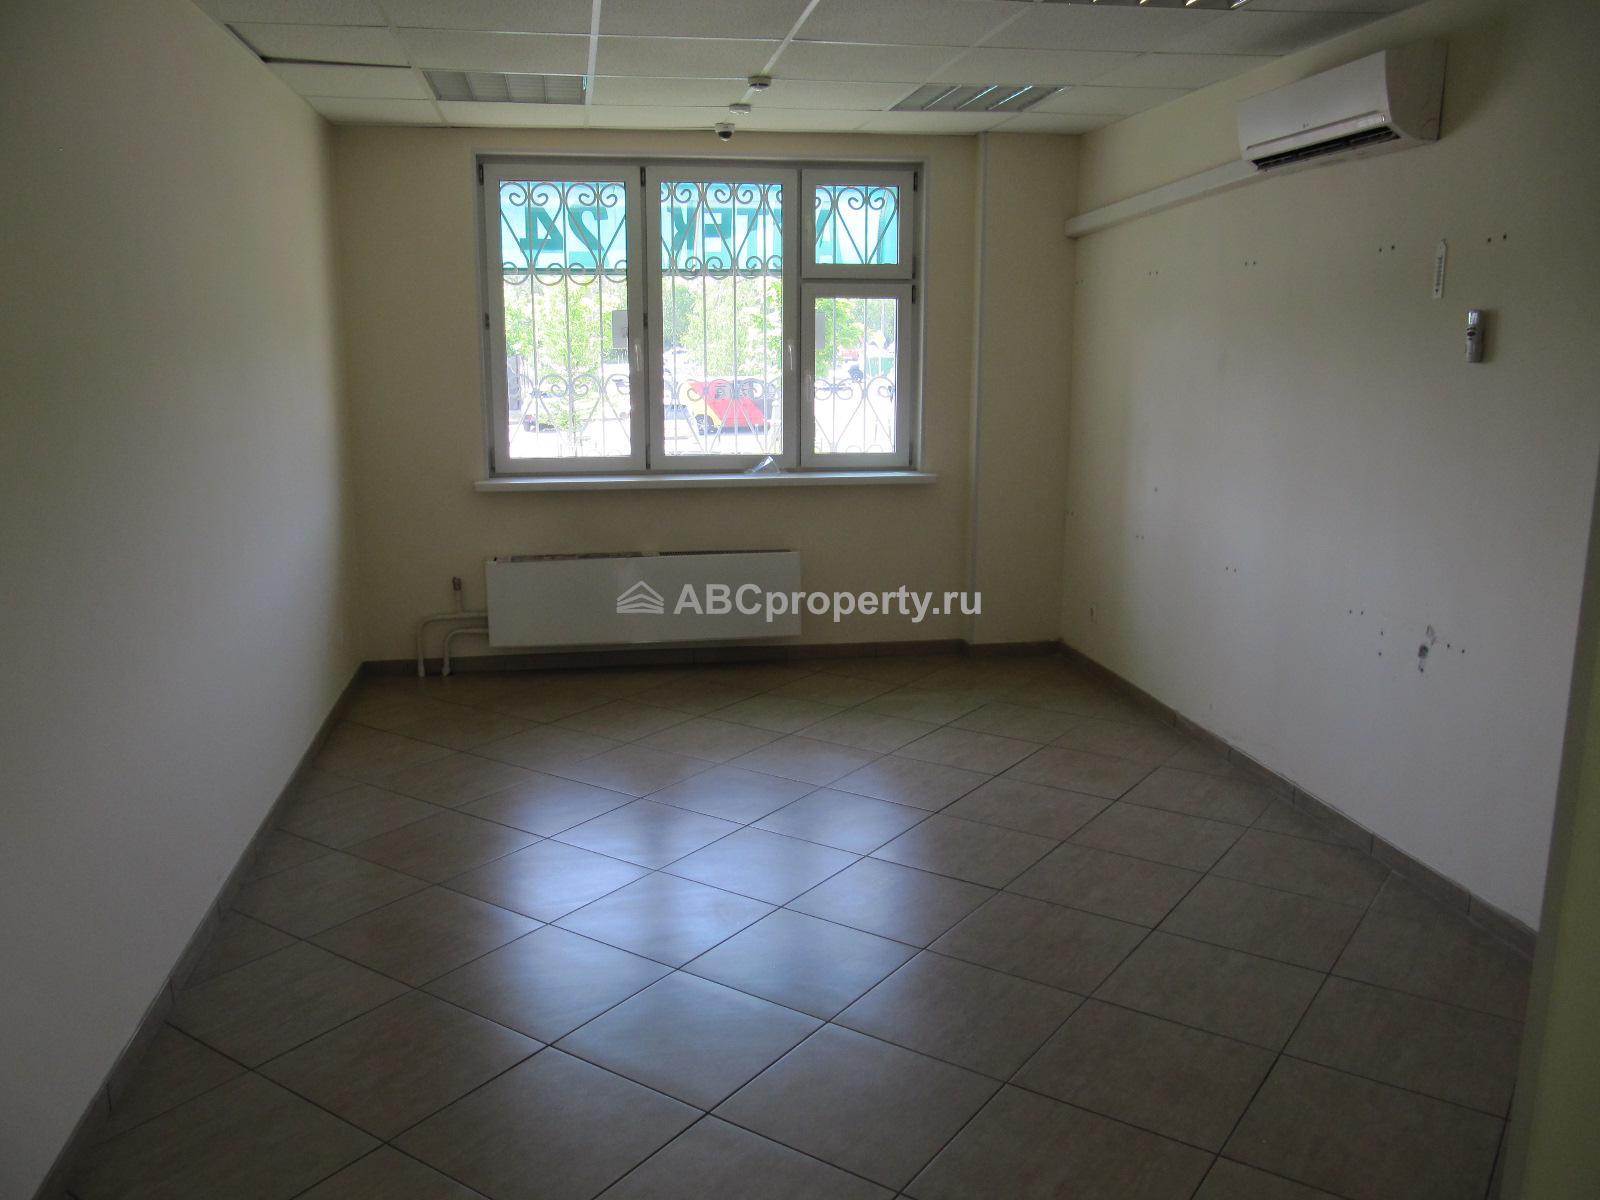 Аренда офиса Москва под клинику найти помещение под офис Миусская 2-я улица